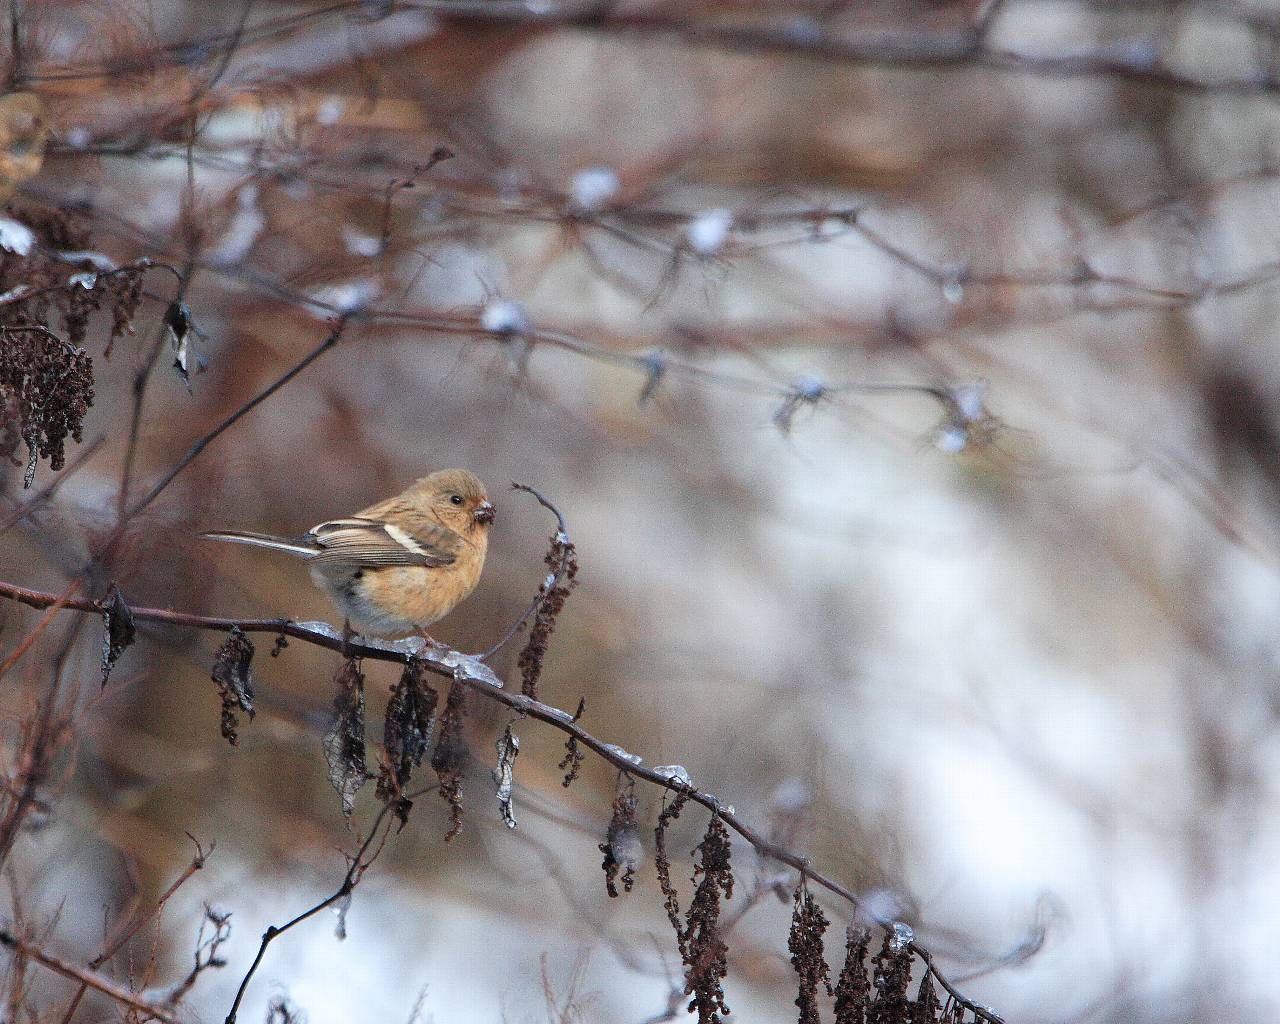 神奈川県の軽井沢でベニマシコと雪(冬の季節感溢れる野鳥の壁紙)_f0105570_19462334.jpg